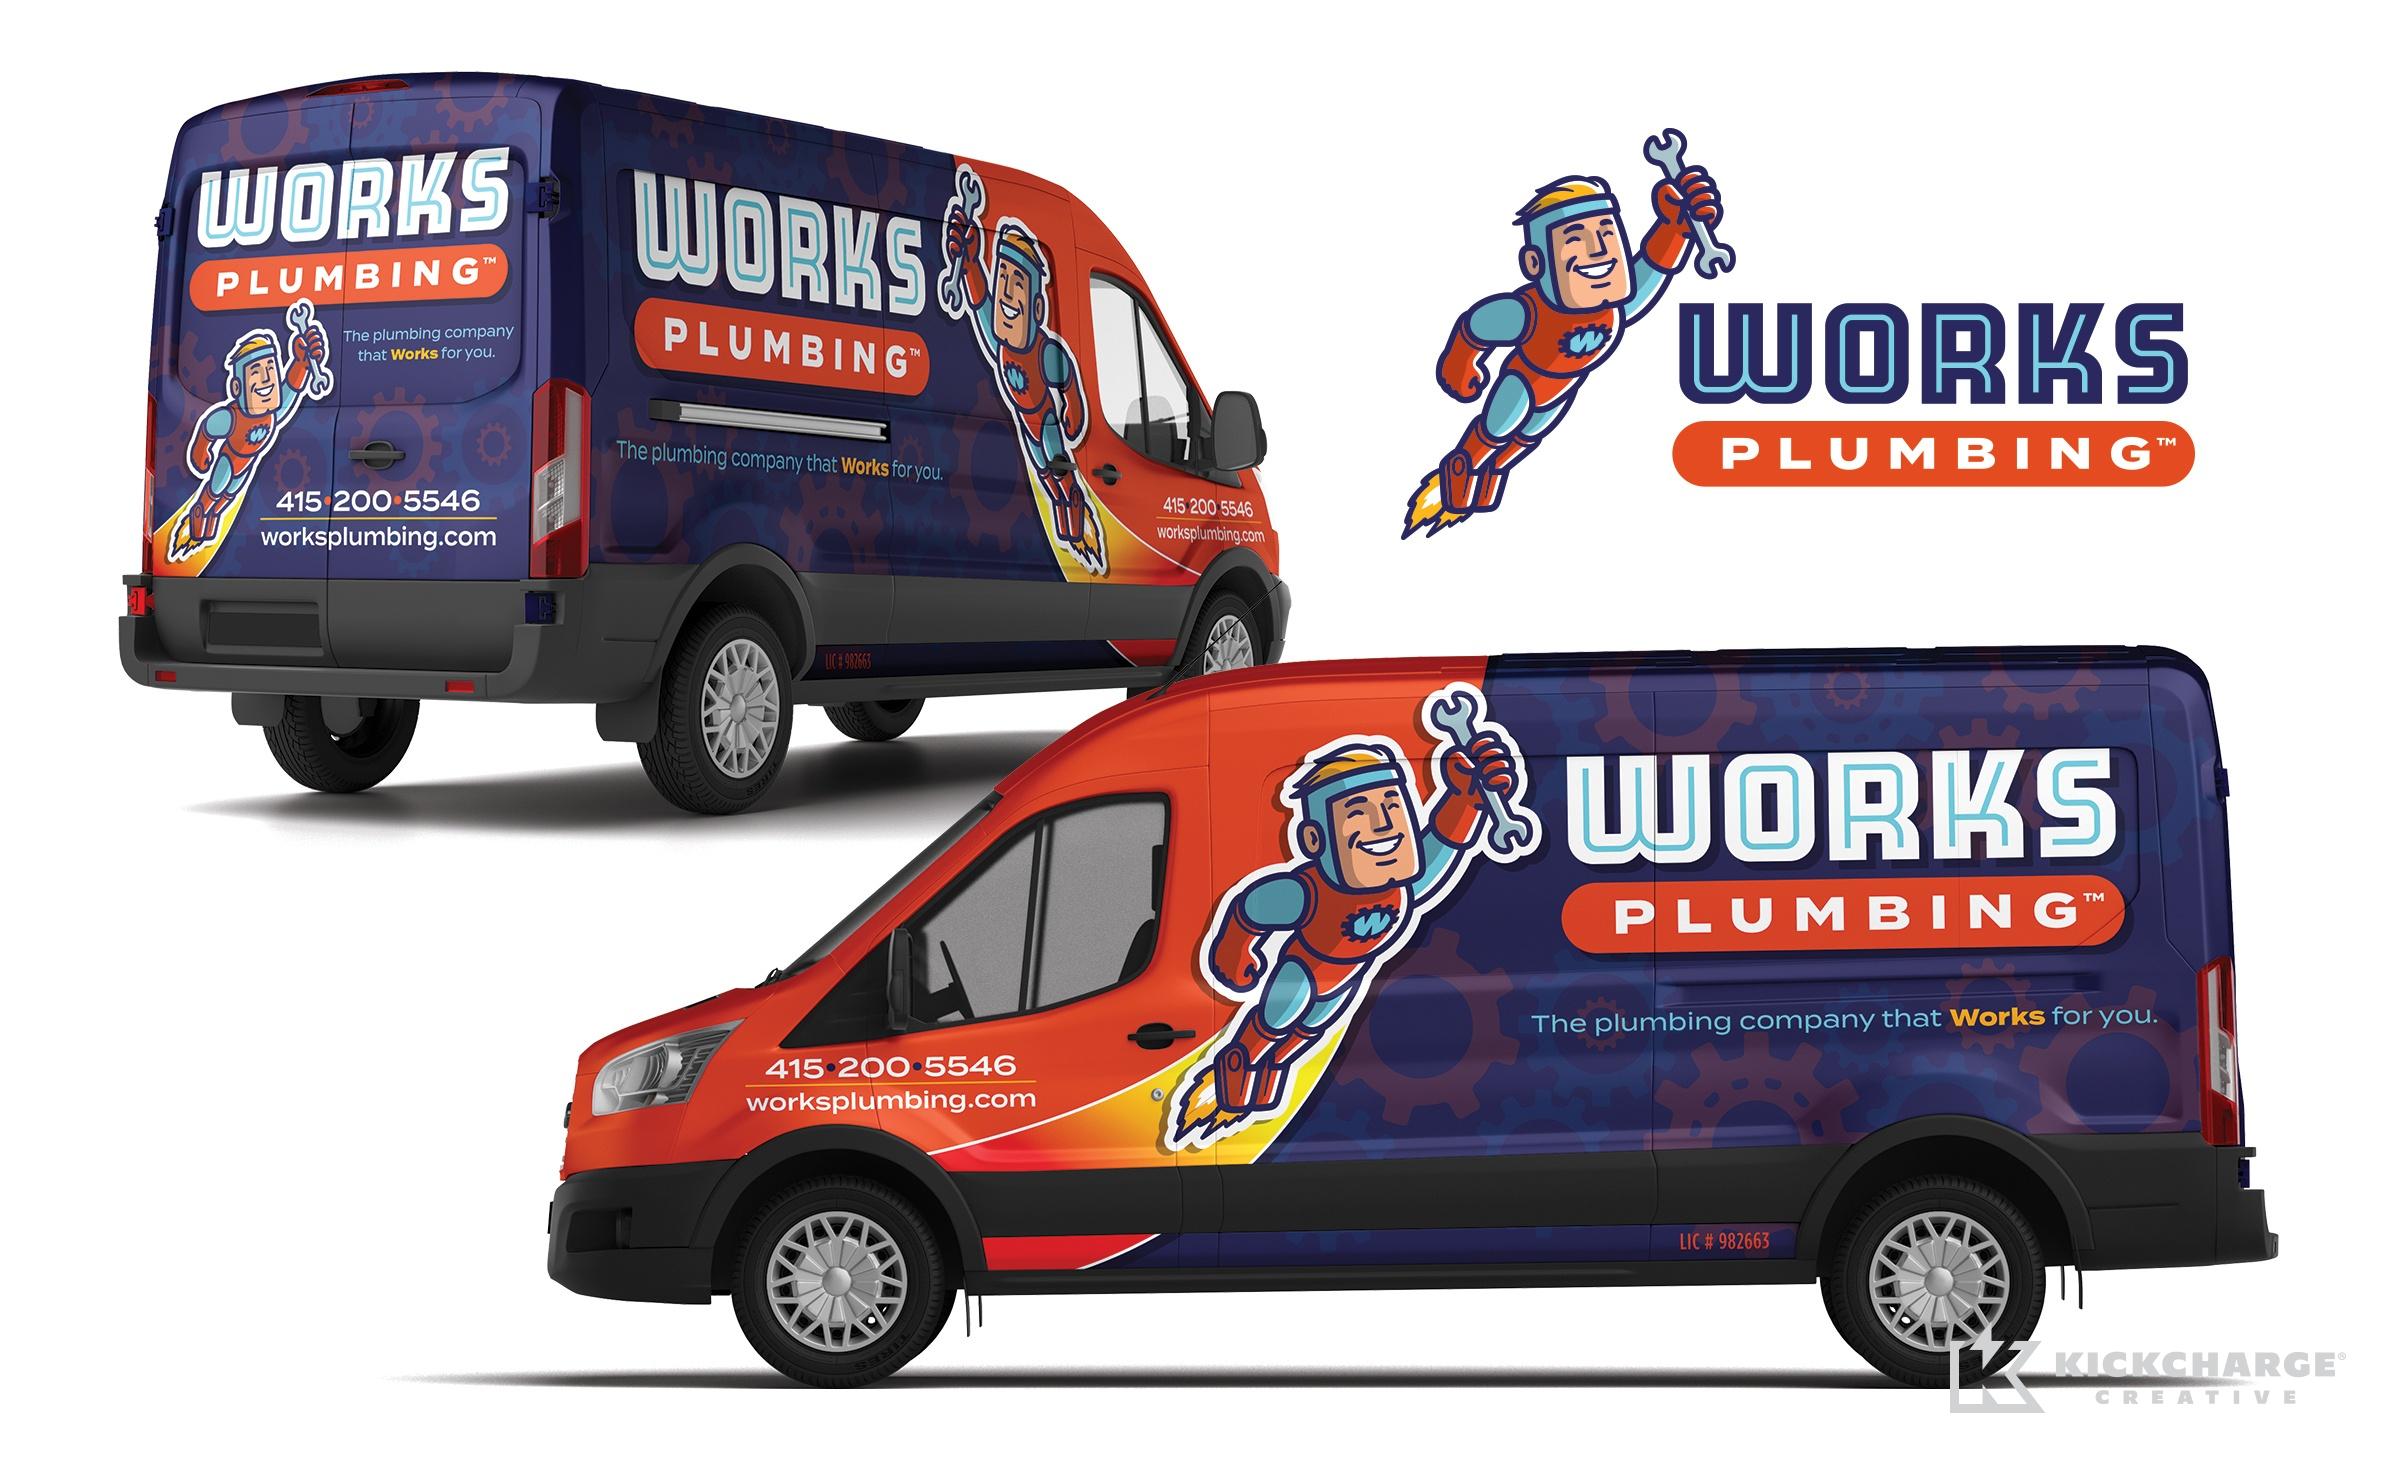 Works Plumbing